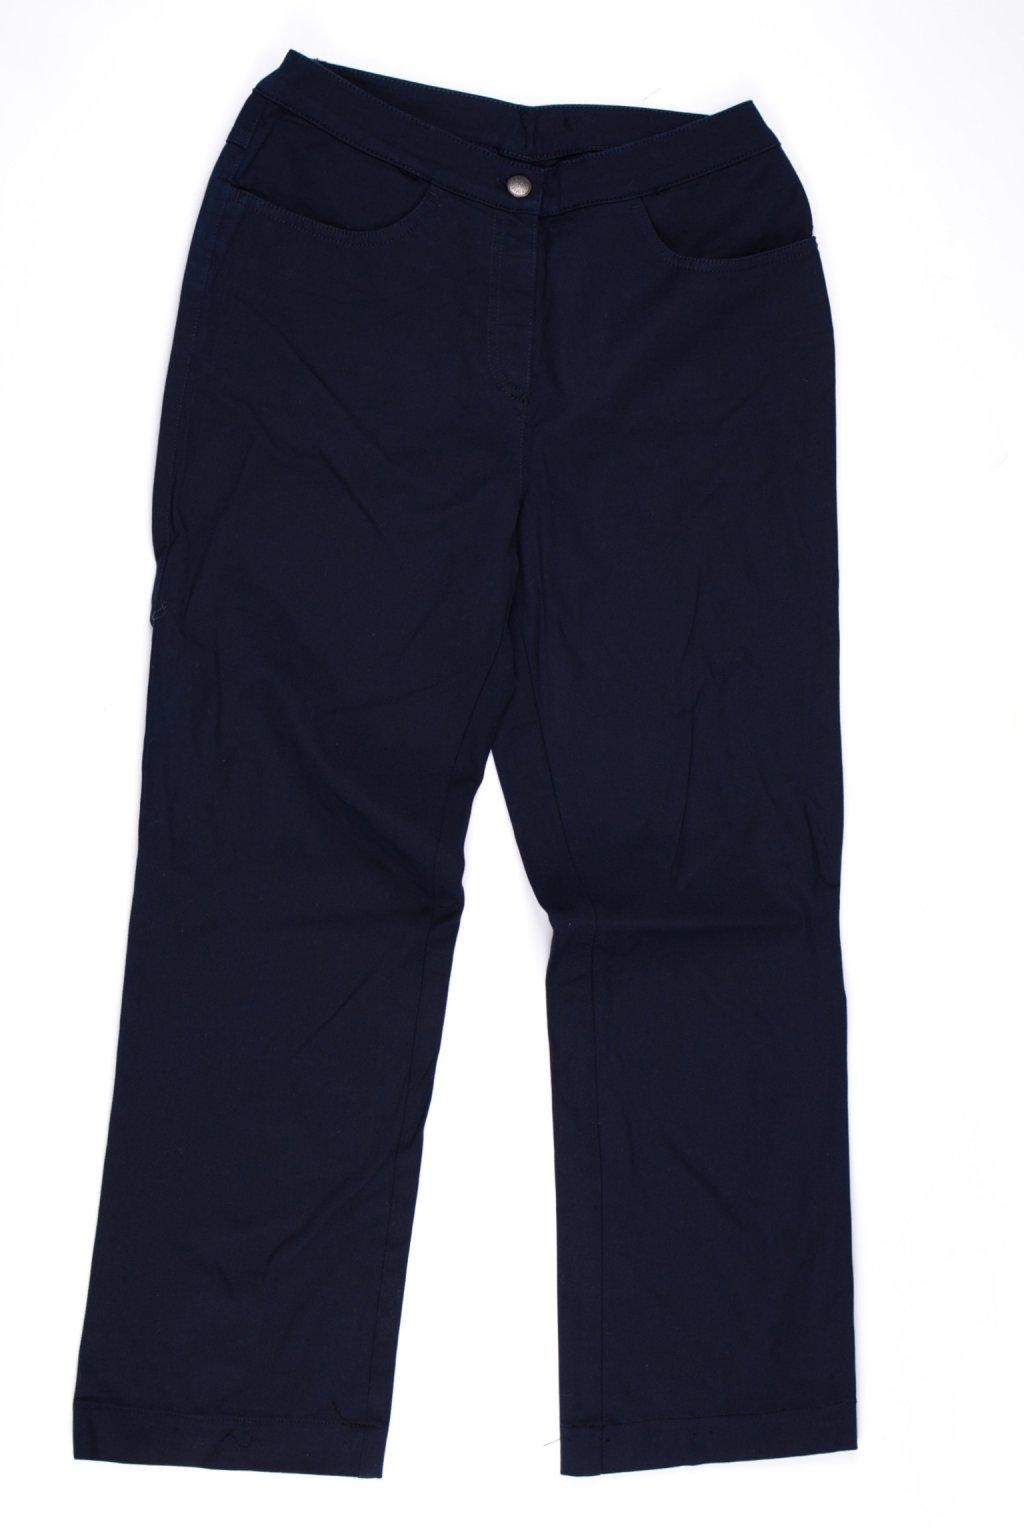 Kalhoty vel 36-38/S modré zkrácené